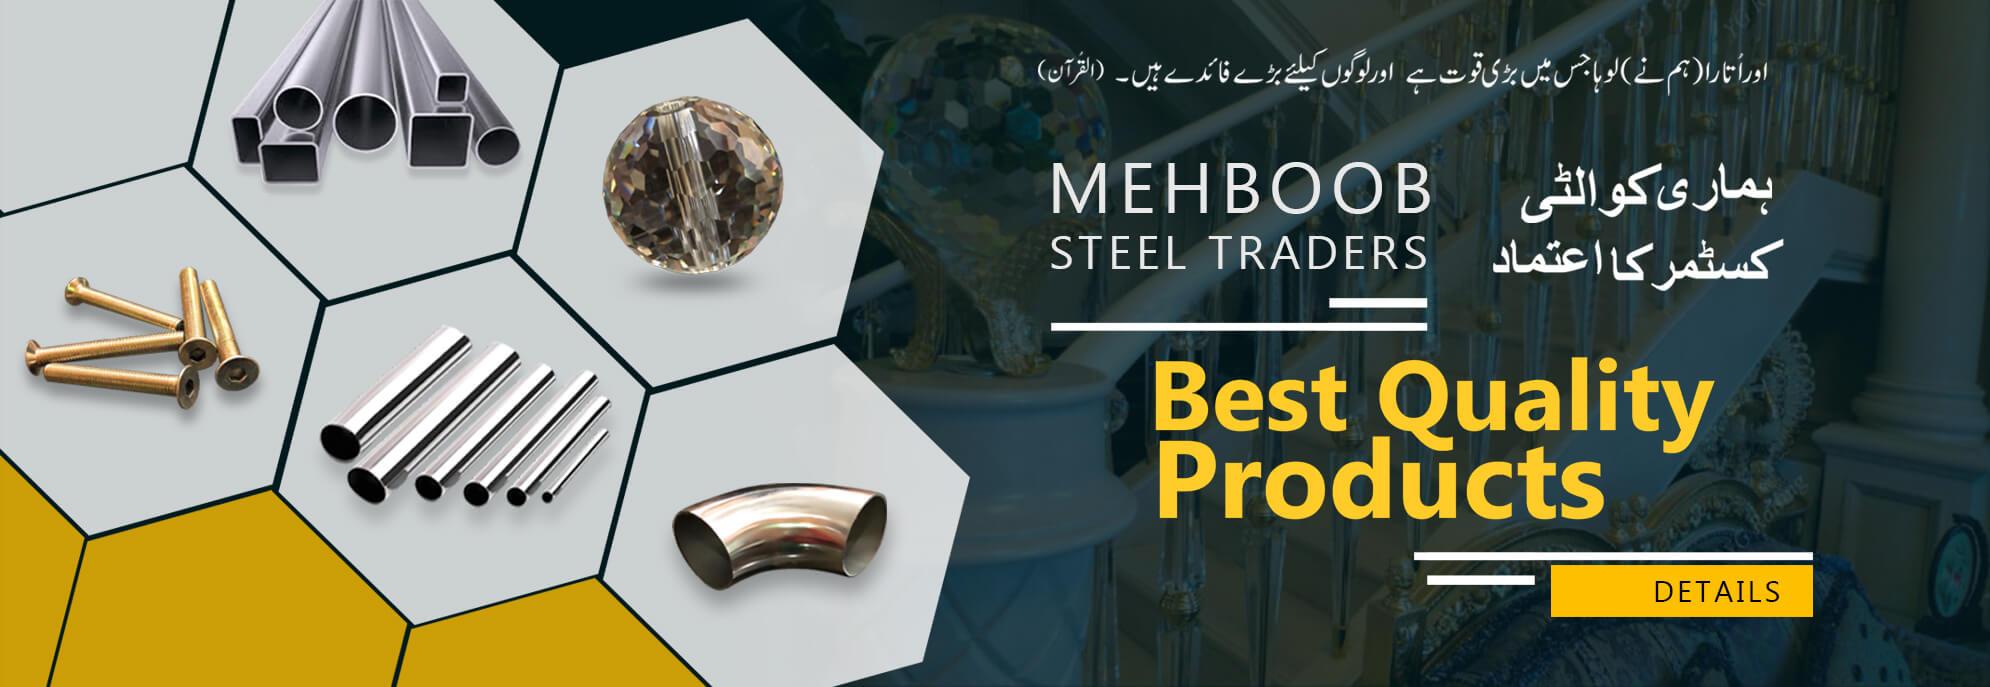 Mehboob Steel Traders